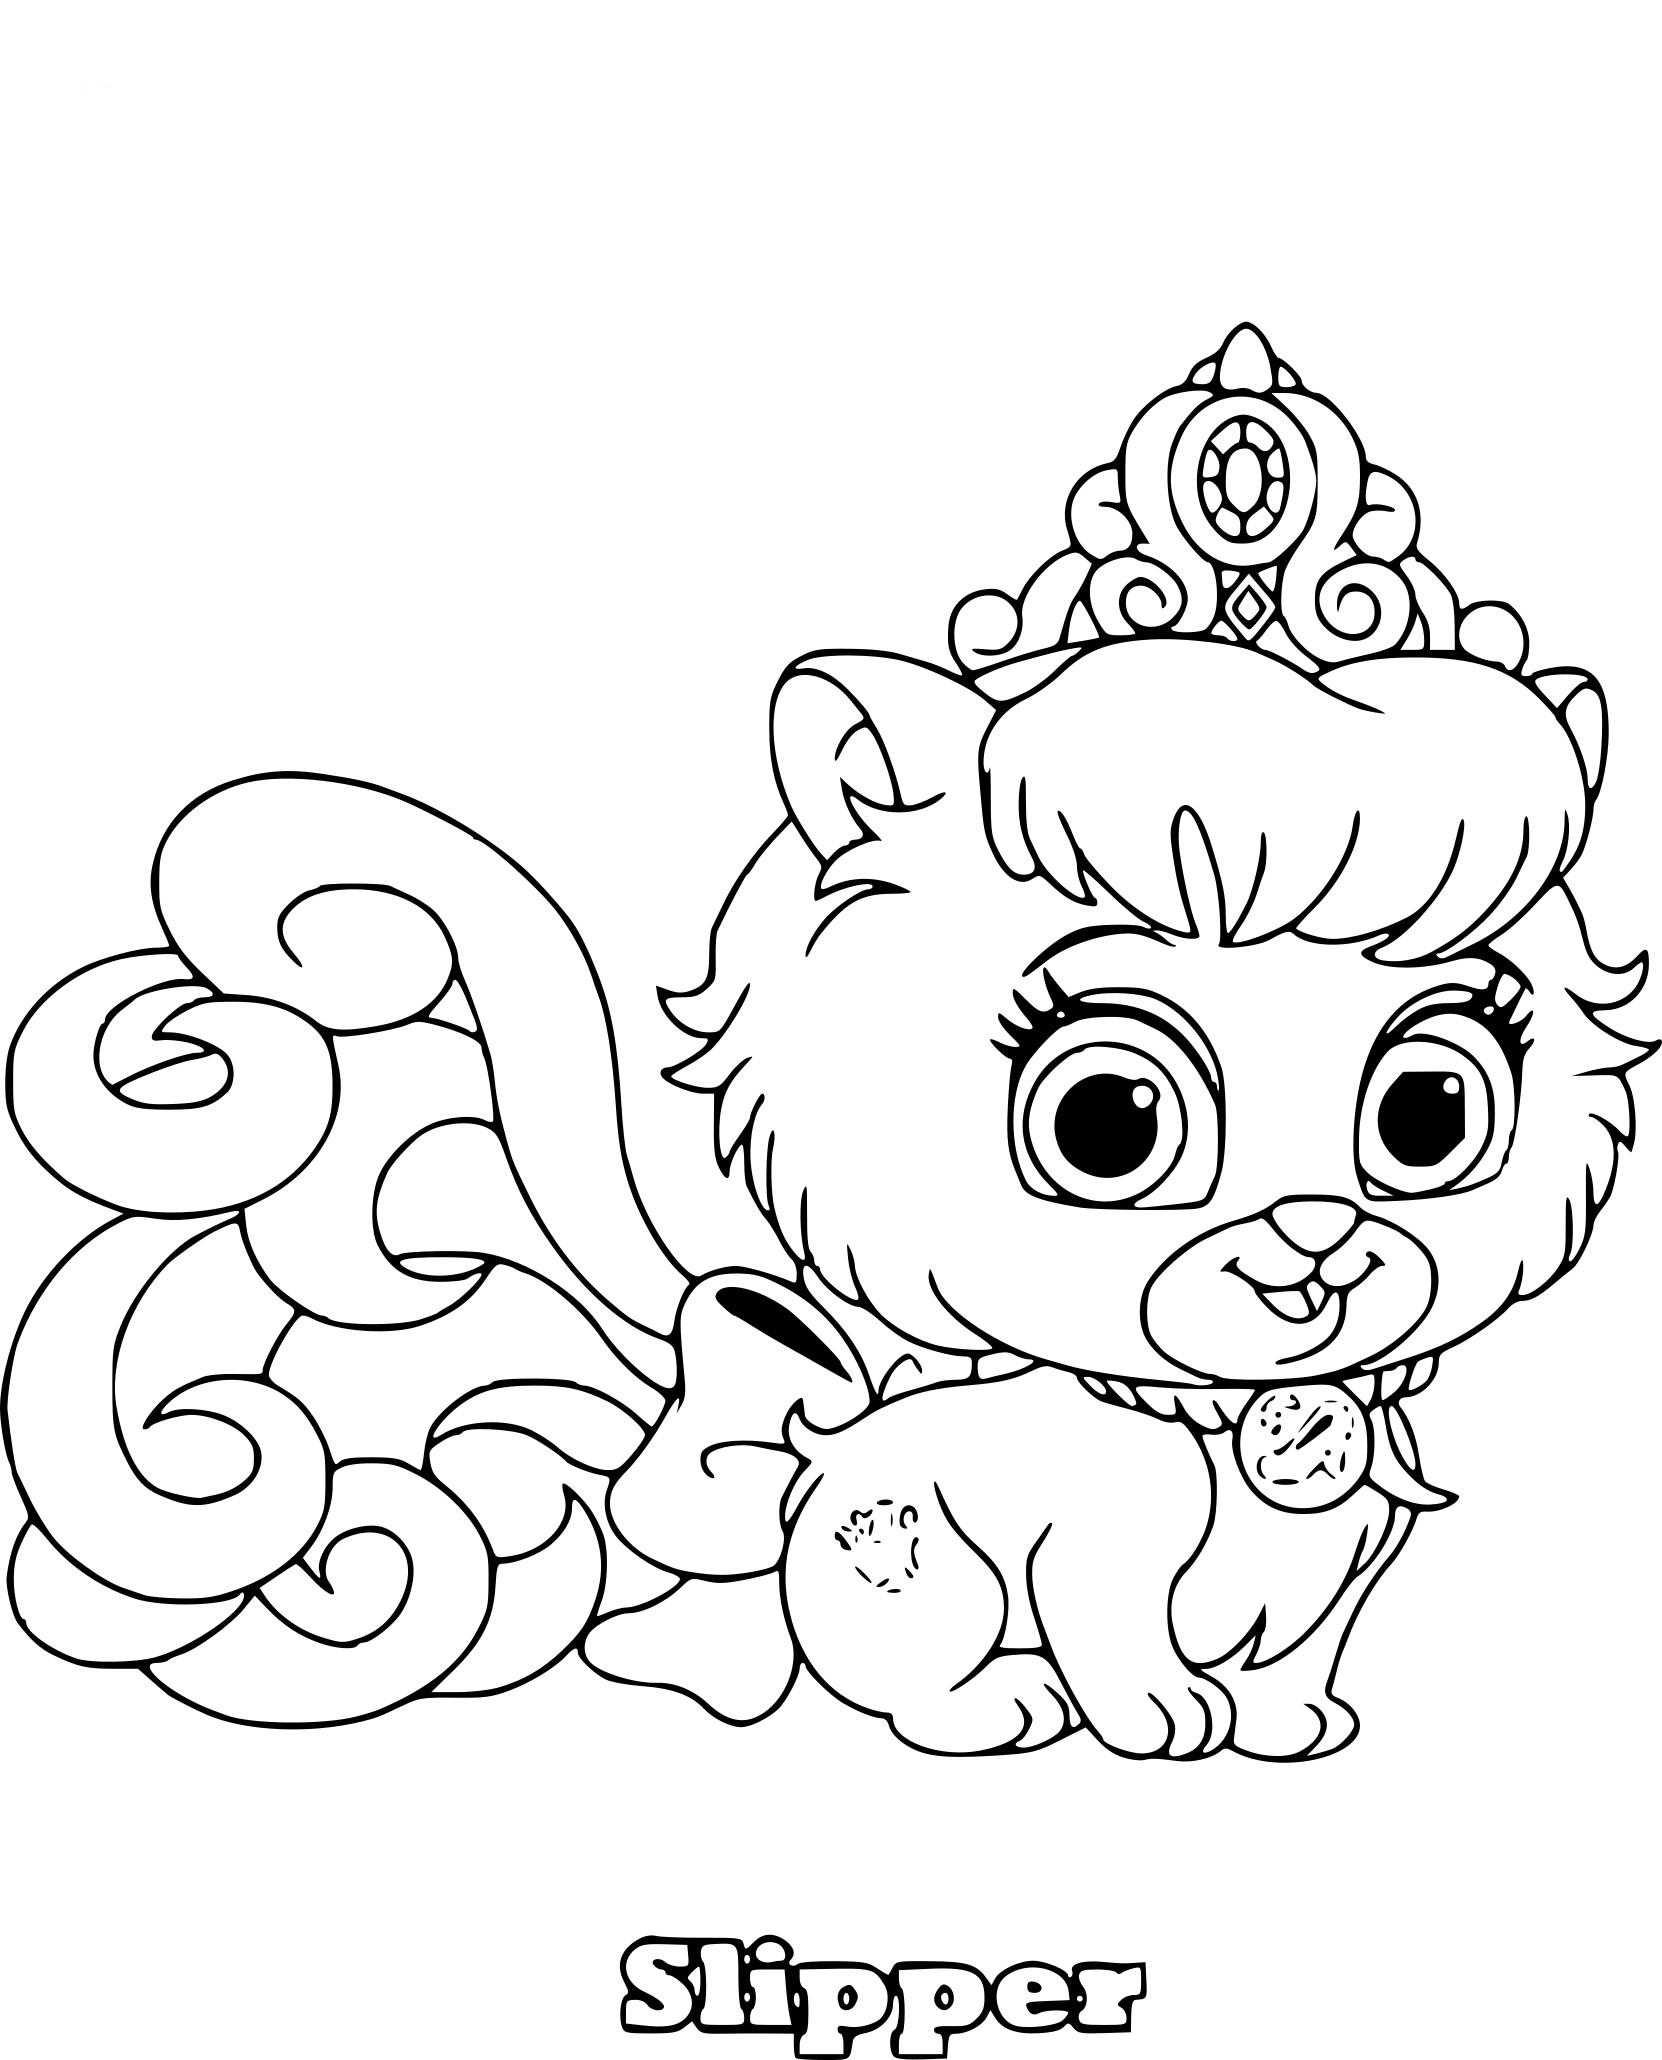 Coloriage Palace Pets Chien Cendrillon À Imprimer Gratuit encequiconcerne Cendrillon À Colorier